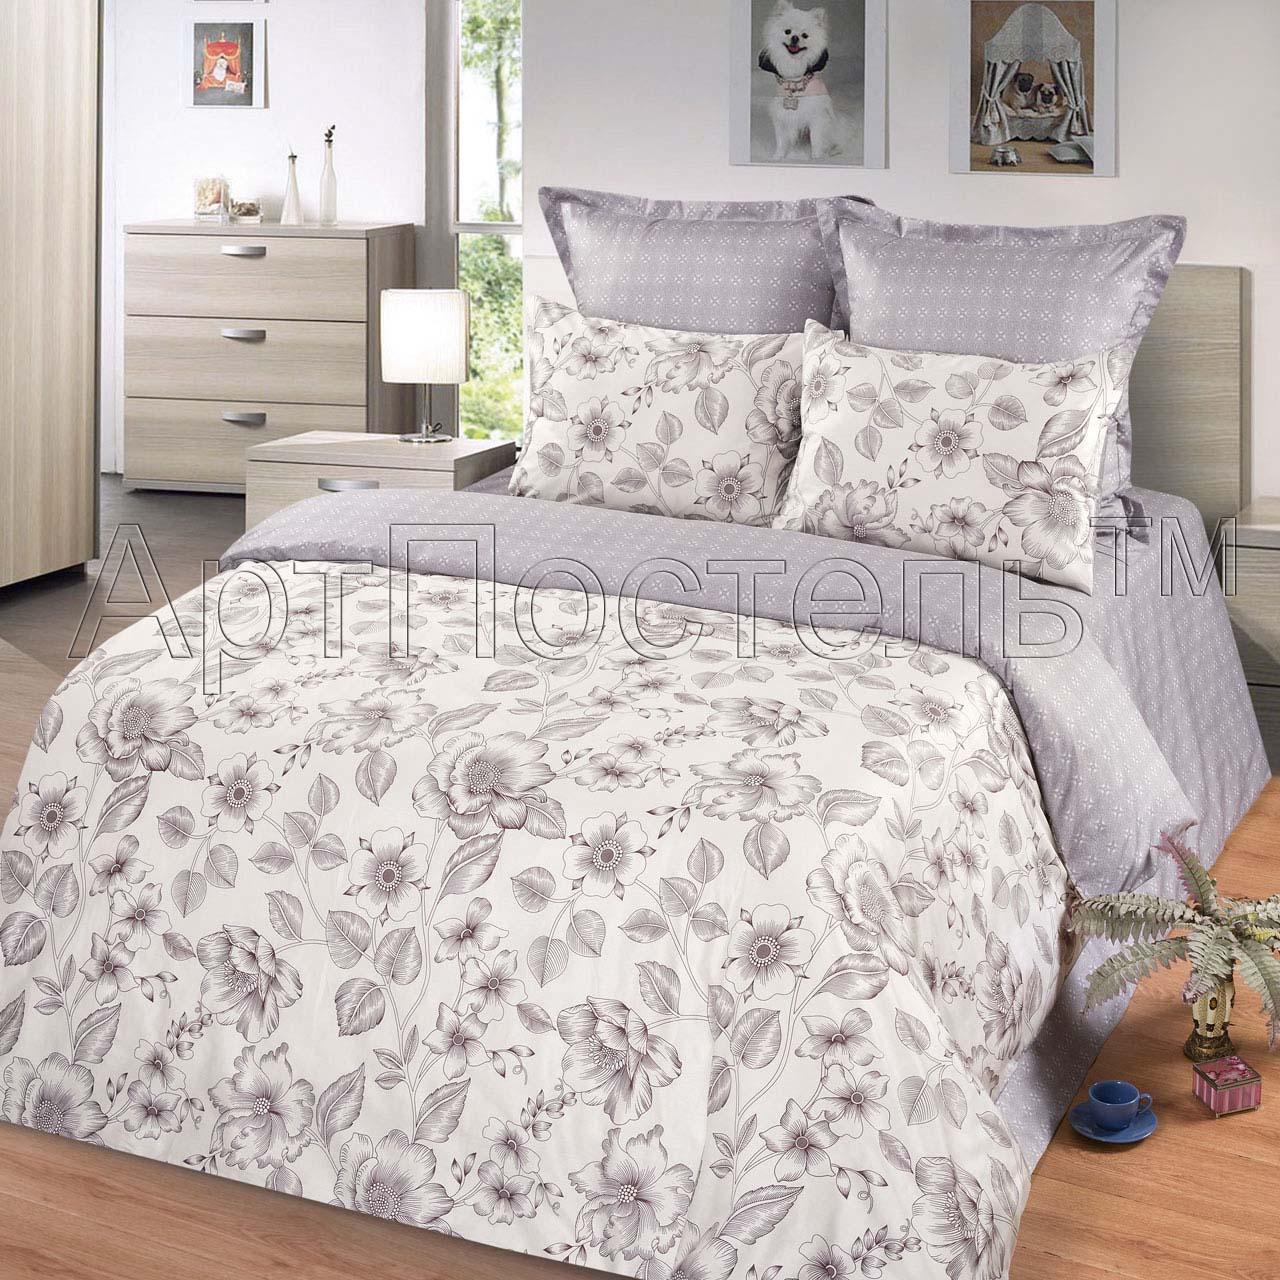 Комплект постельного белья Хрусталь из сатинаСатин<br><br><br>Размер: Евростандарт (4 нав):70x70 (2 шт) и 50х70 (2 шт)